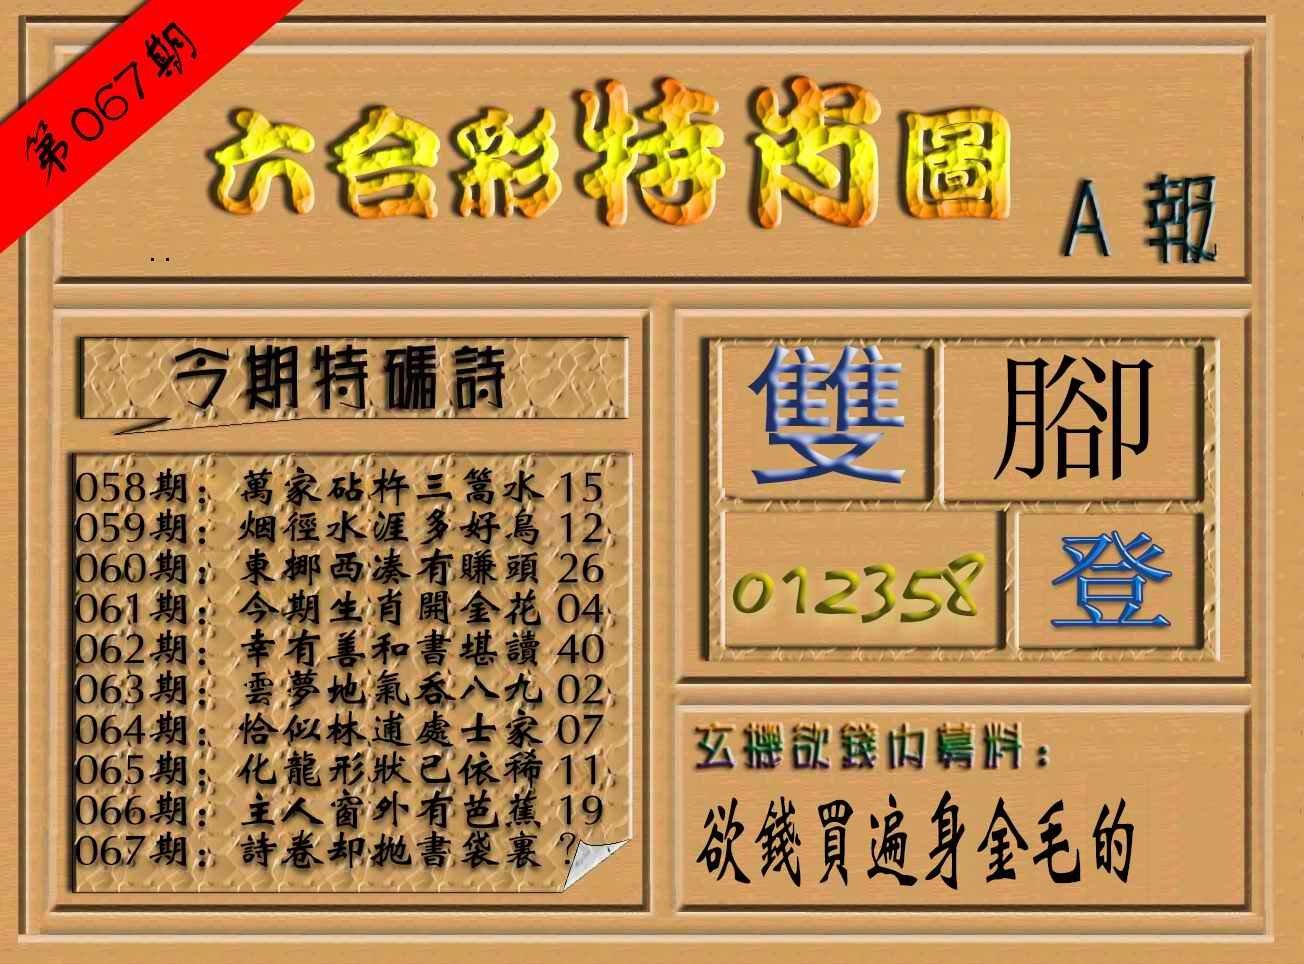 067期六合彩特肖图(A报)